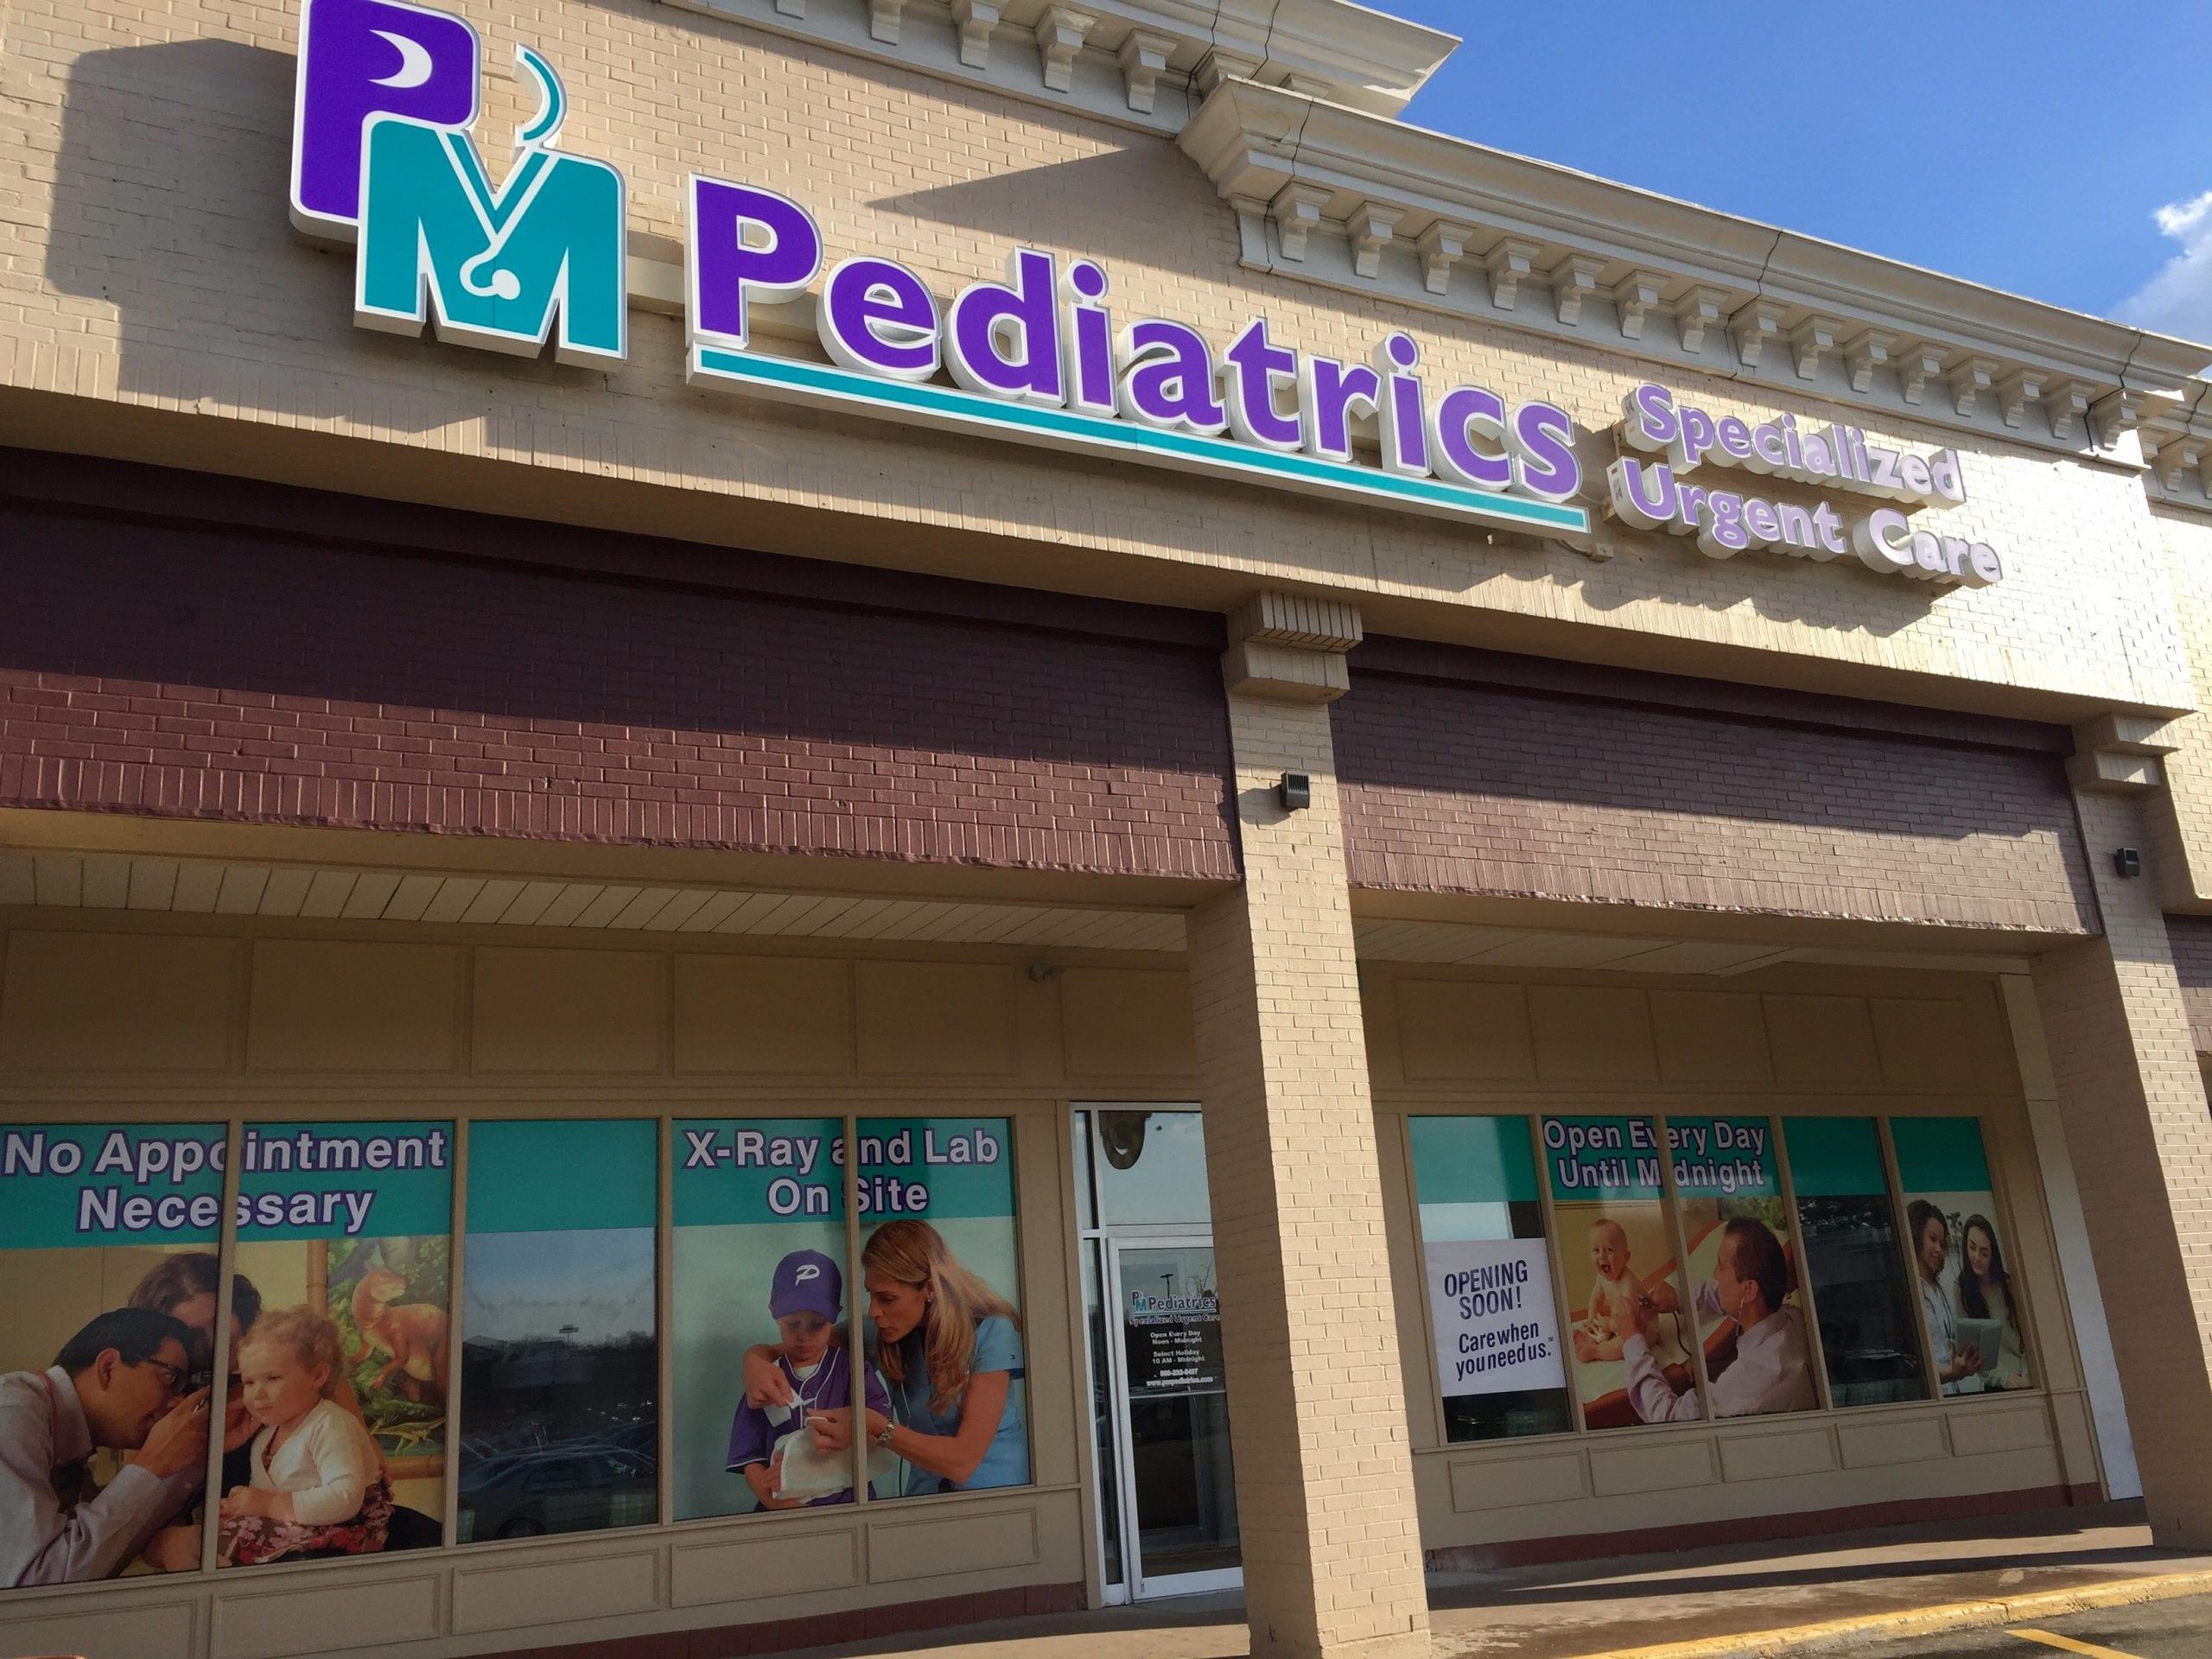 pm pediatrics dec 2017 - We-Ha | West Hartford News